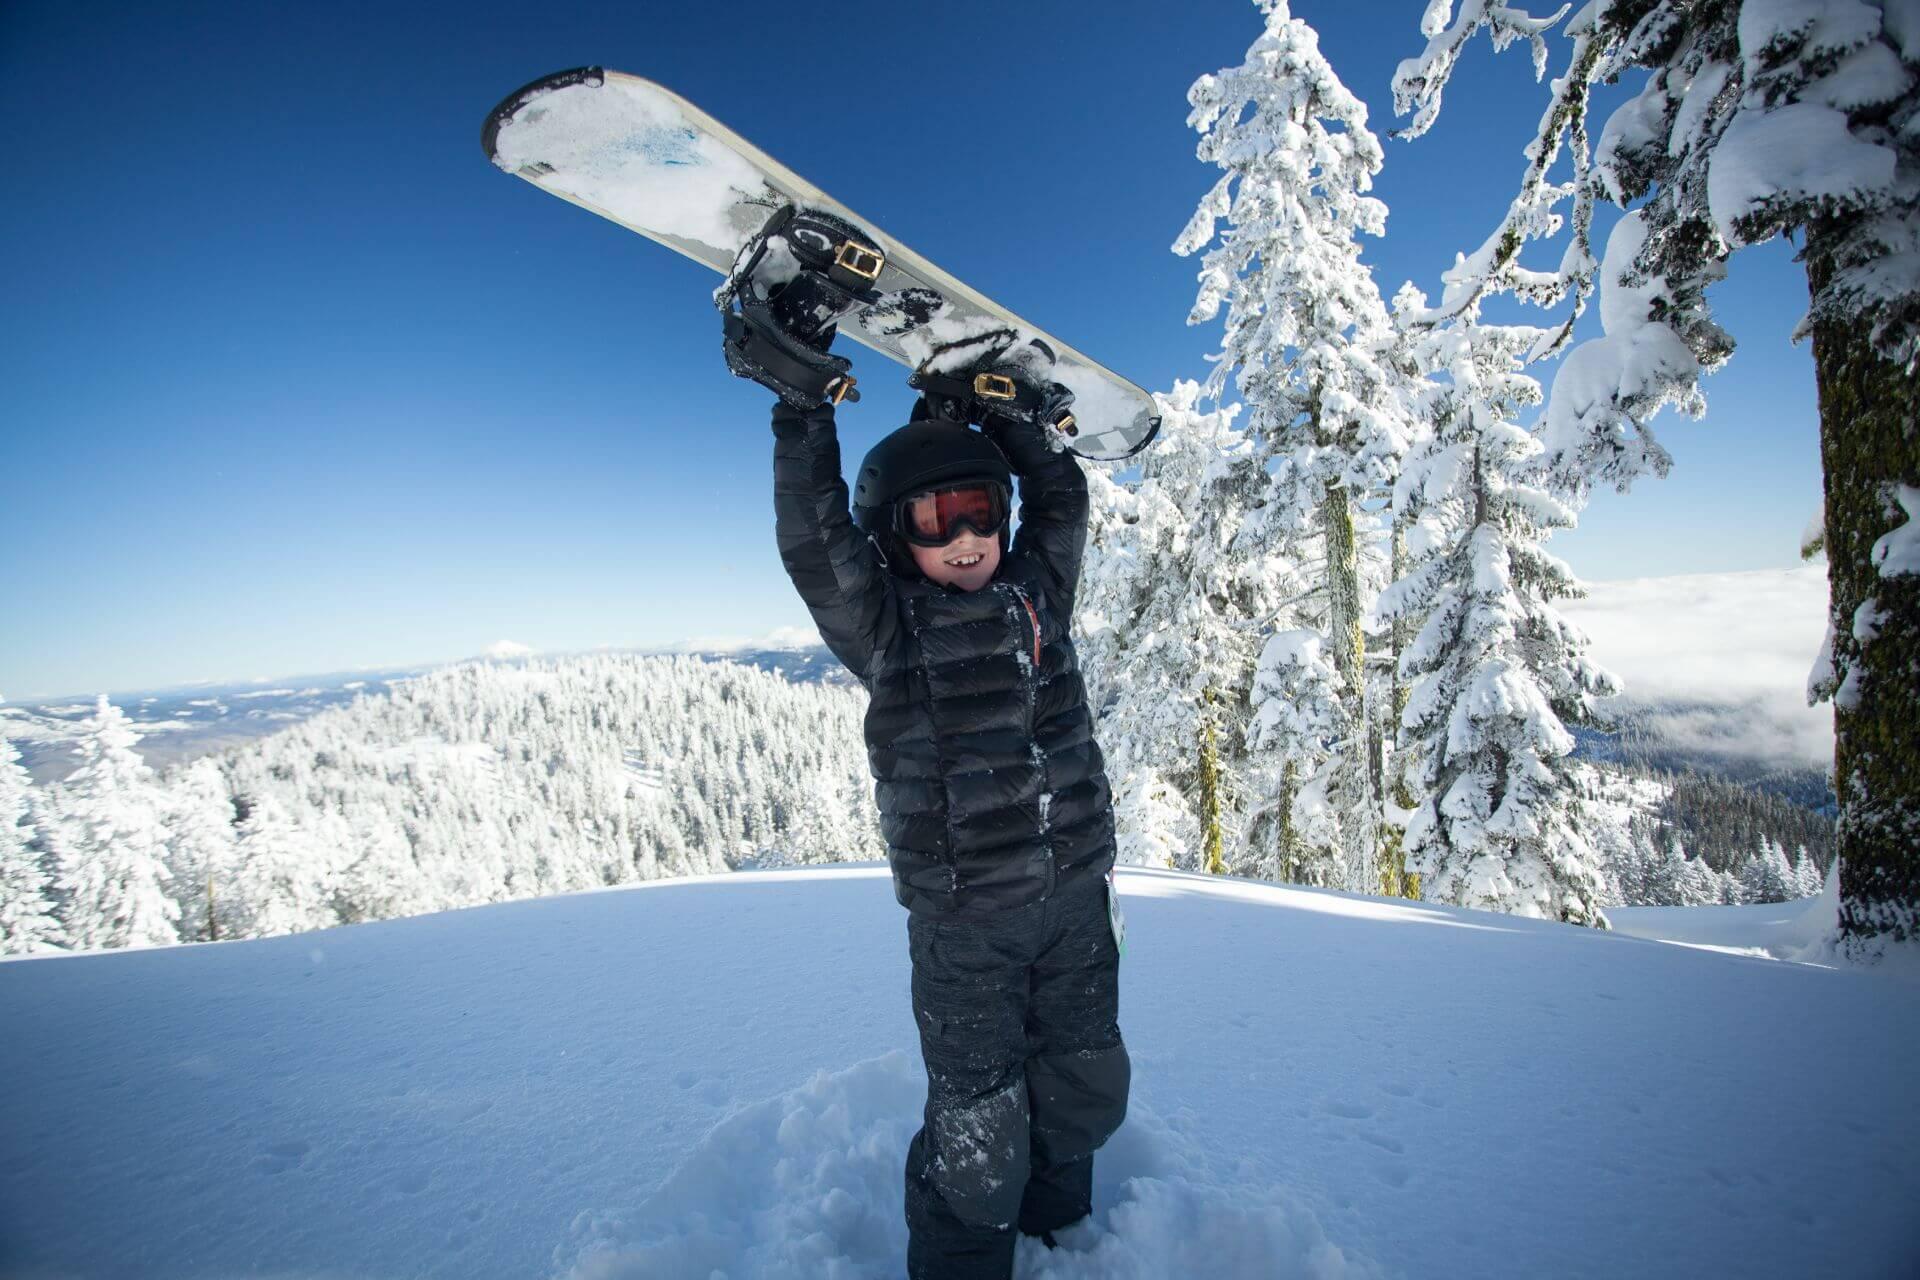 Egal ob Skifahren oder Snowboarden, der Spaß sollte immer an erster Stelle stehen